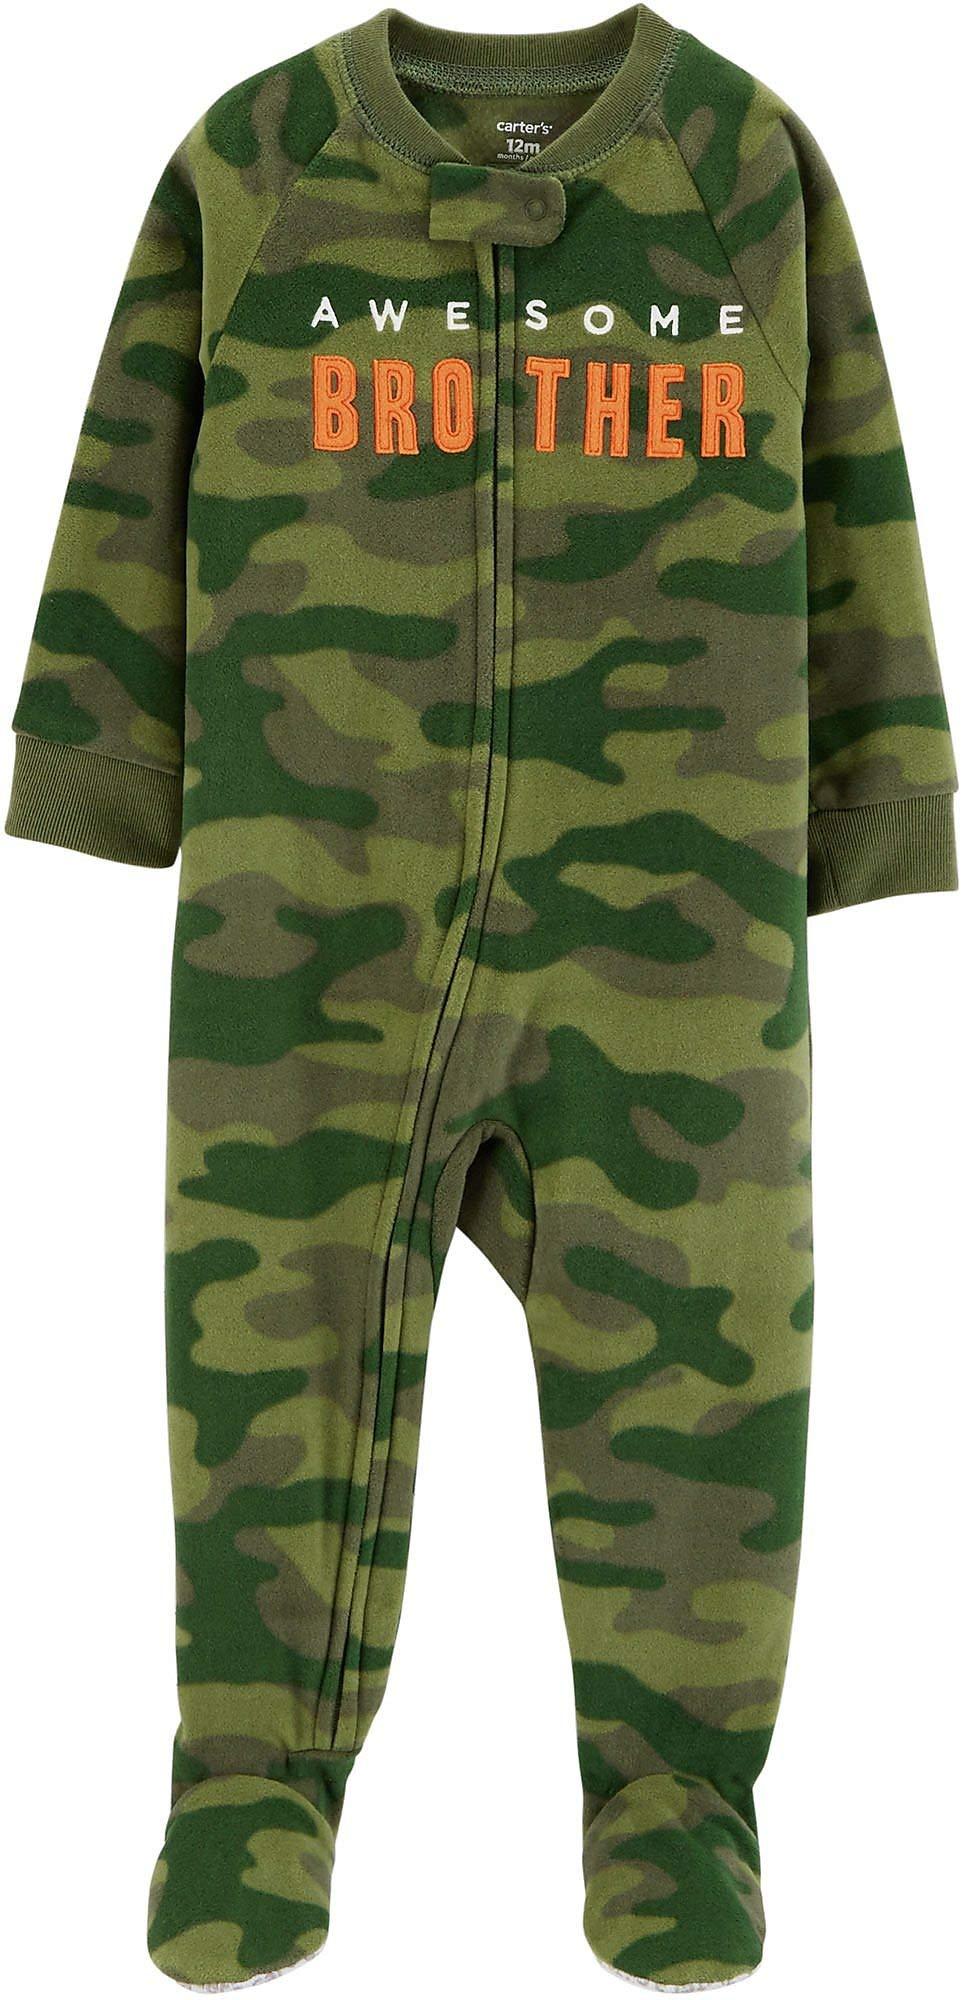 Carter's Boys' 1-Piece Zip-up Fleece Pajamas